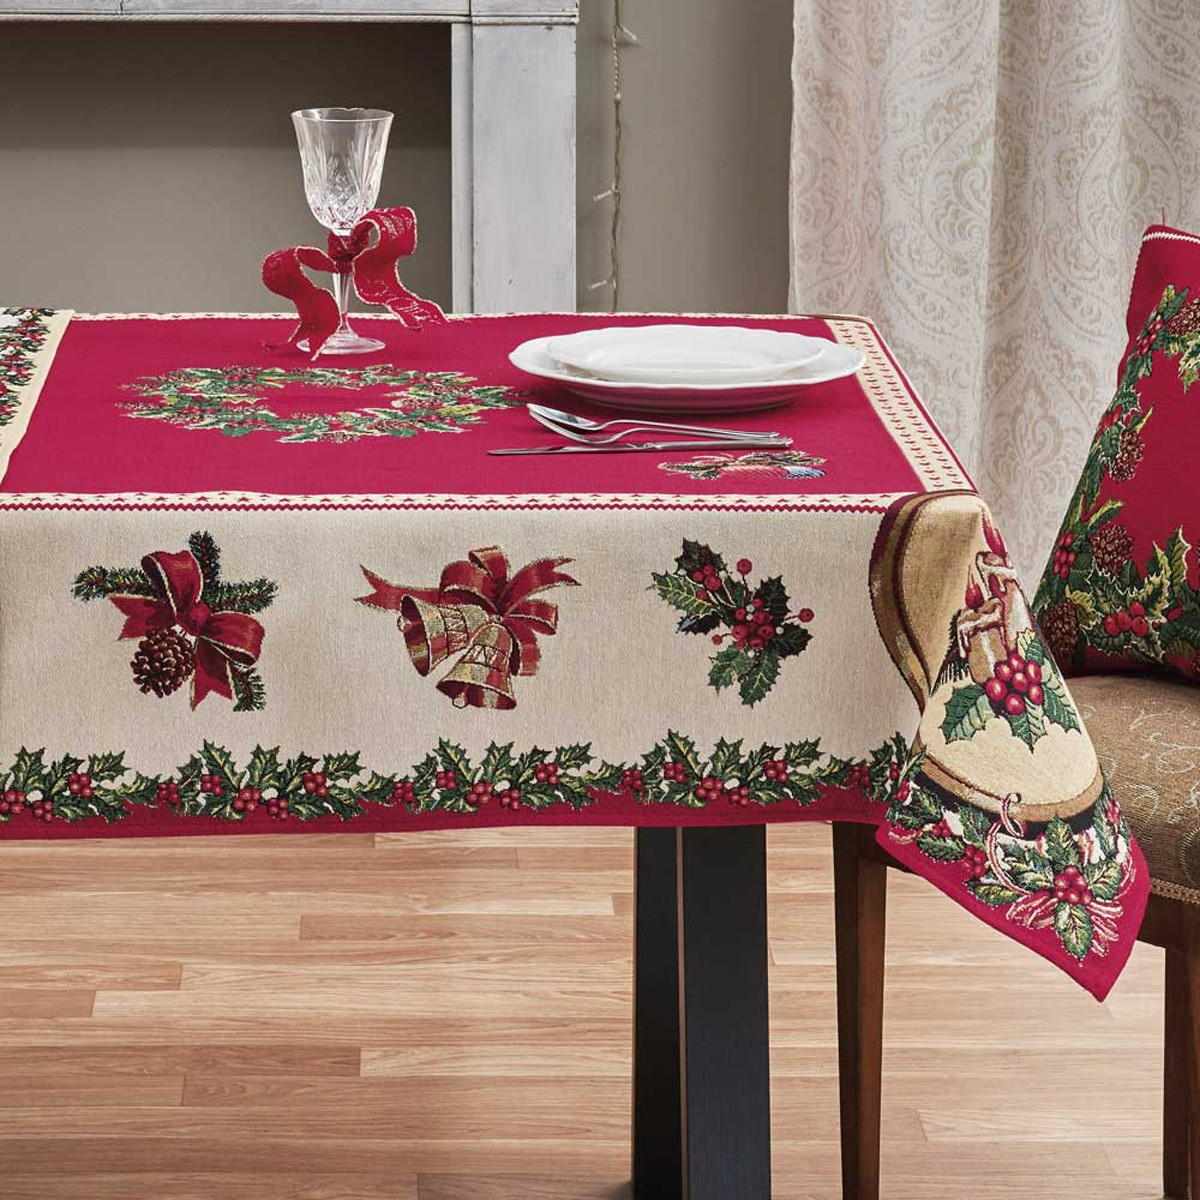 Χριστουγεννιάτικο Τραπεζομάντηλο (135×135) Kentia Made Holly 17